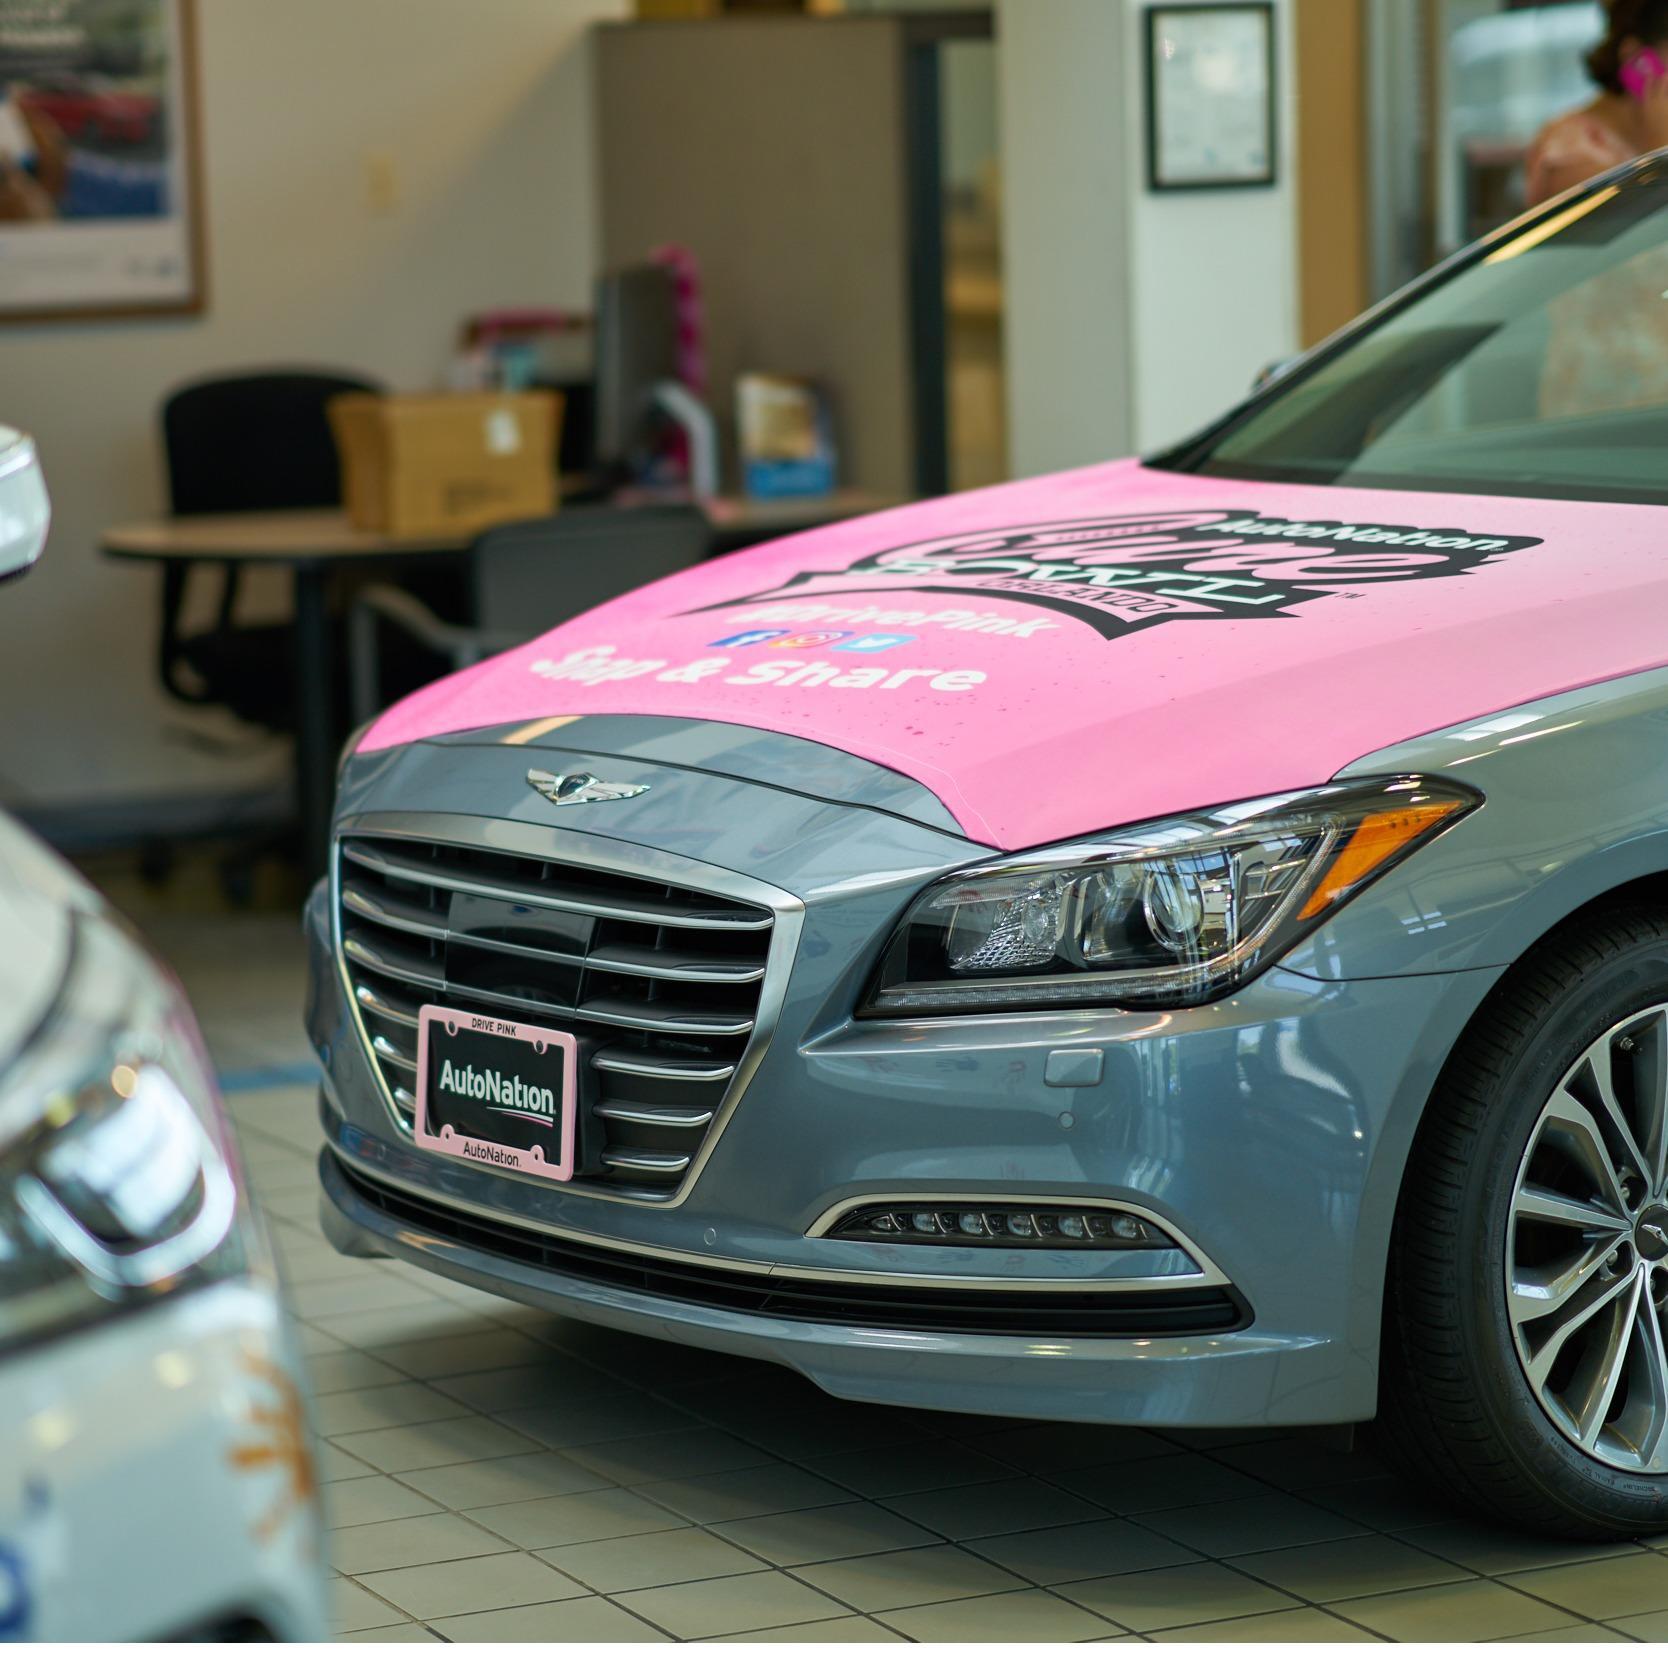 AutoNation Hyundai O'Hare